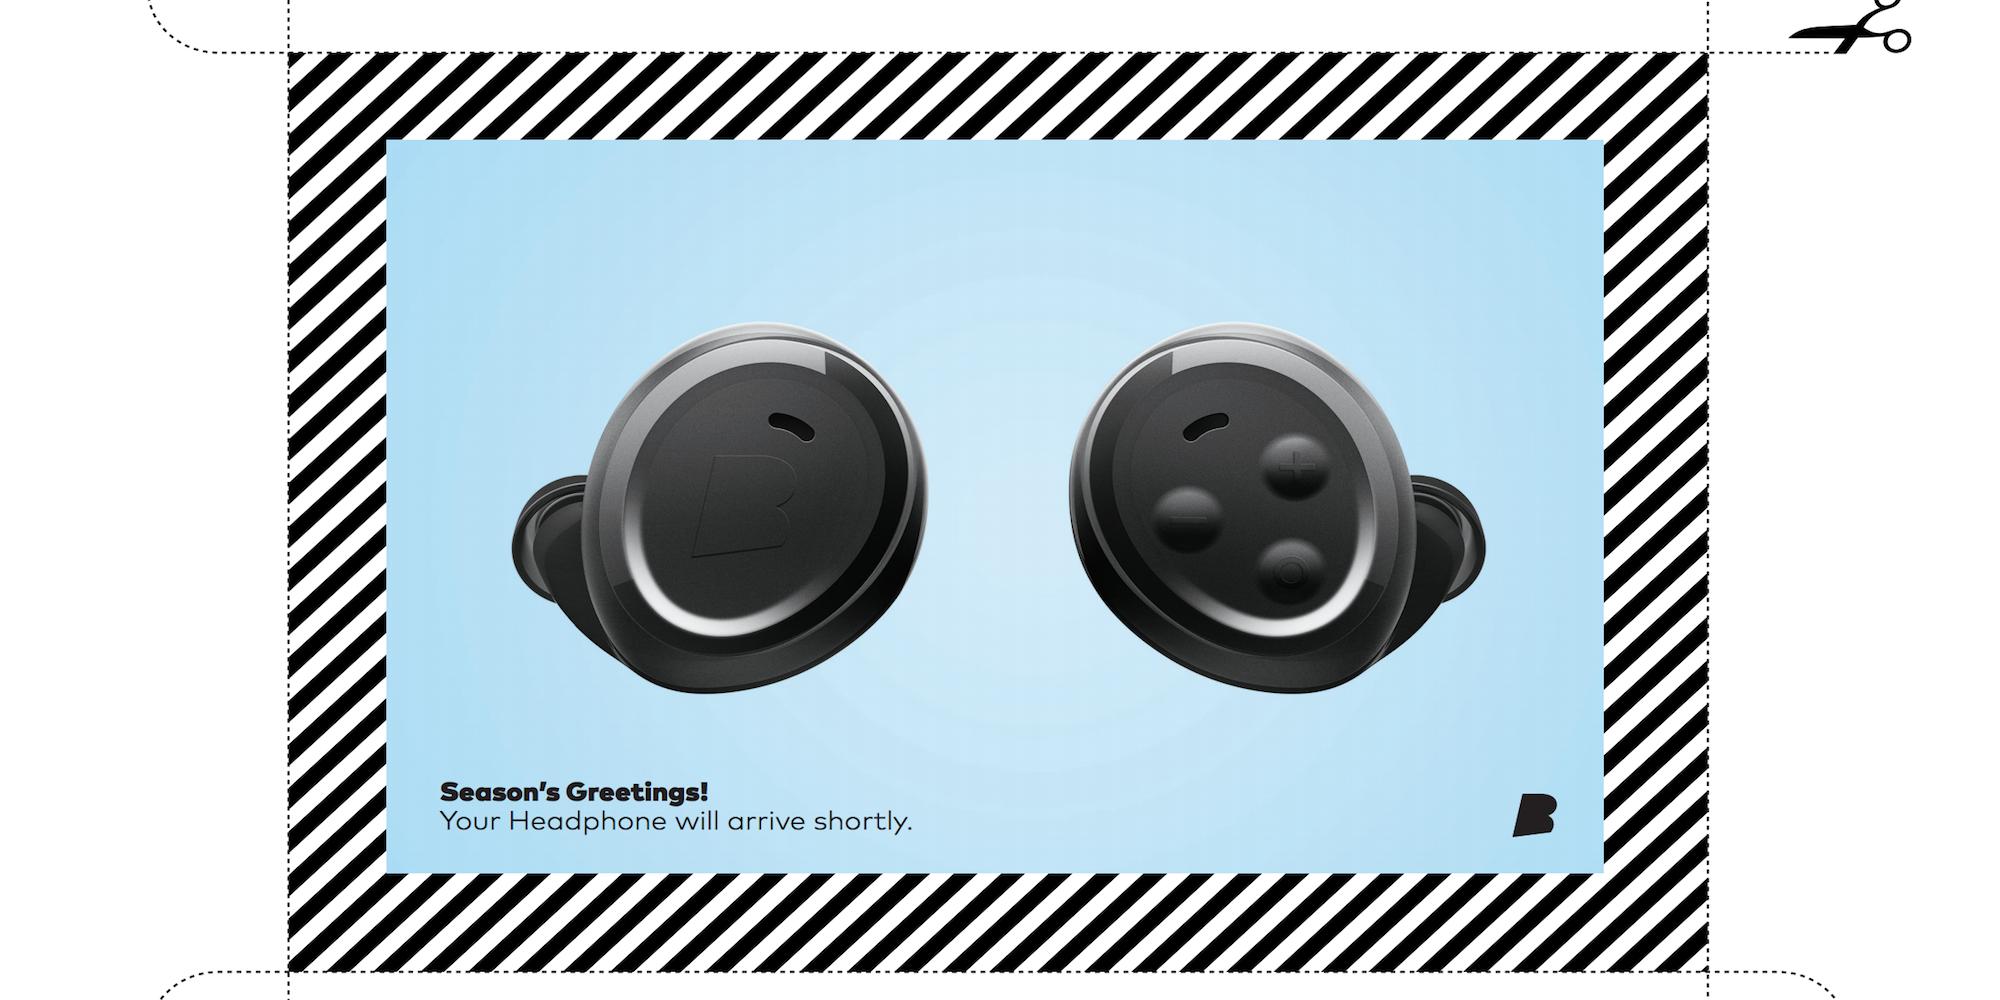 bragi-headphone-delay-01